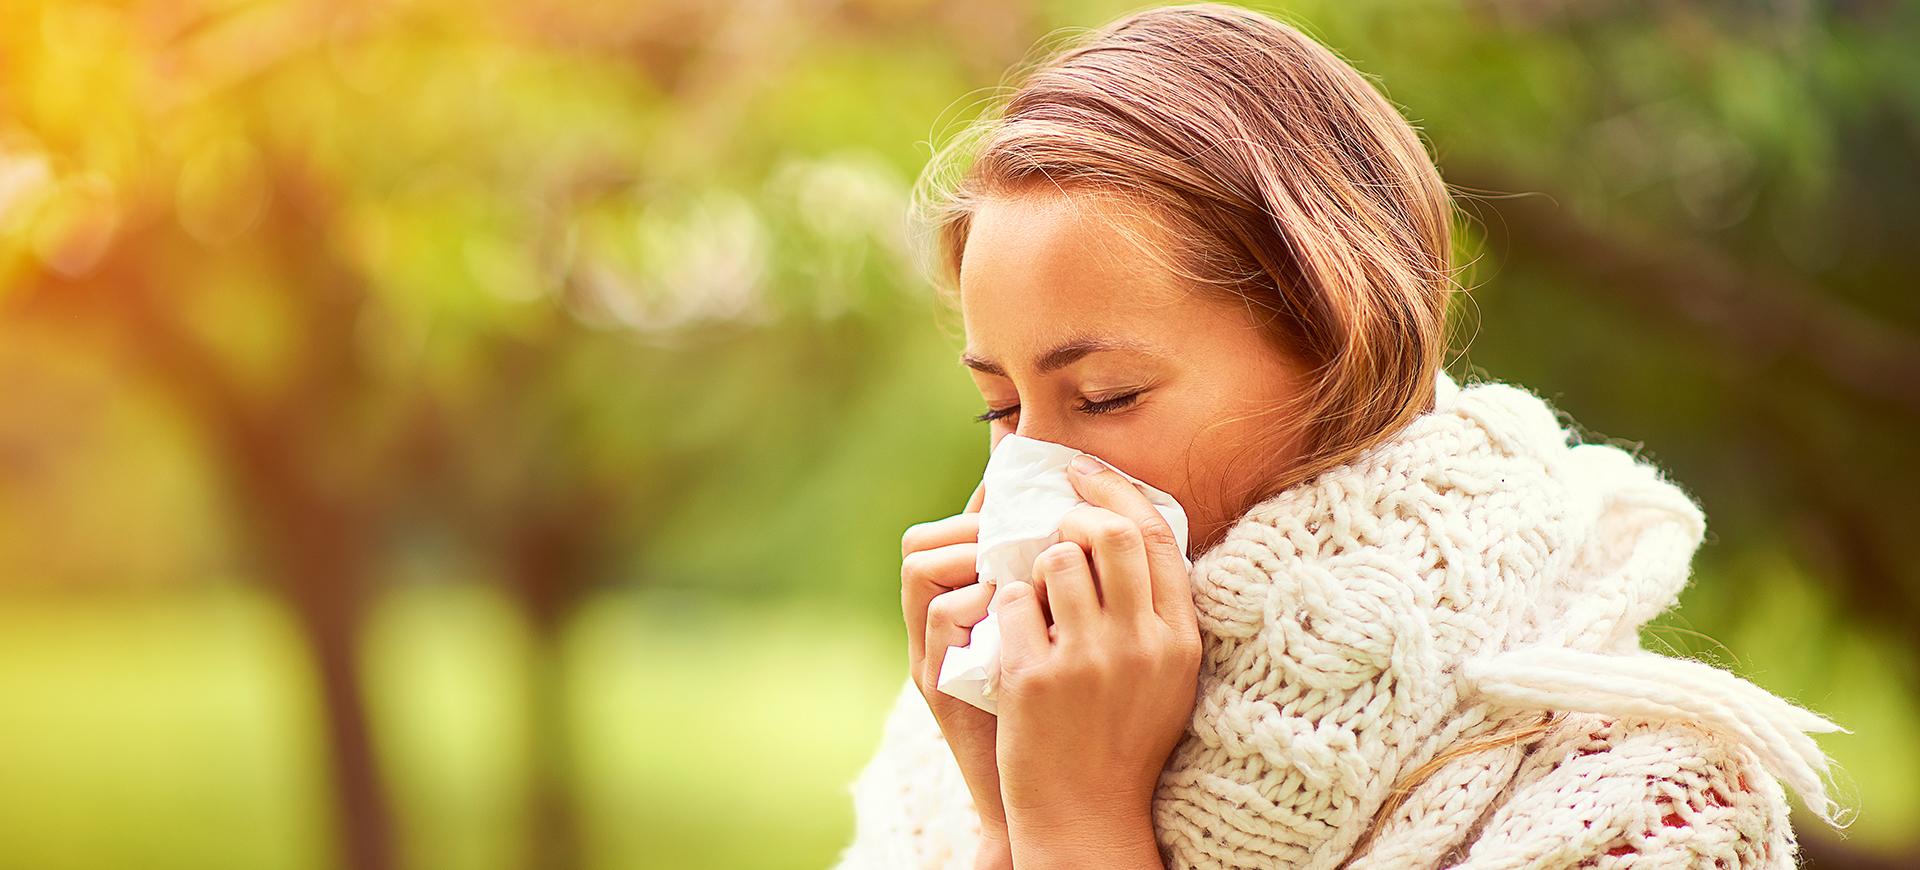 bli kvitt förkylning